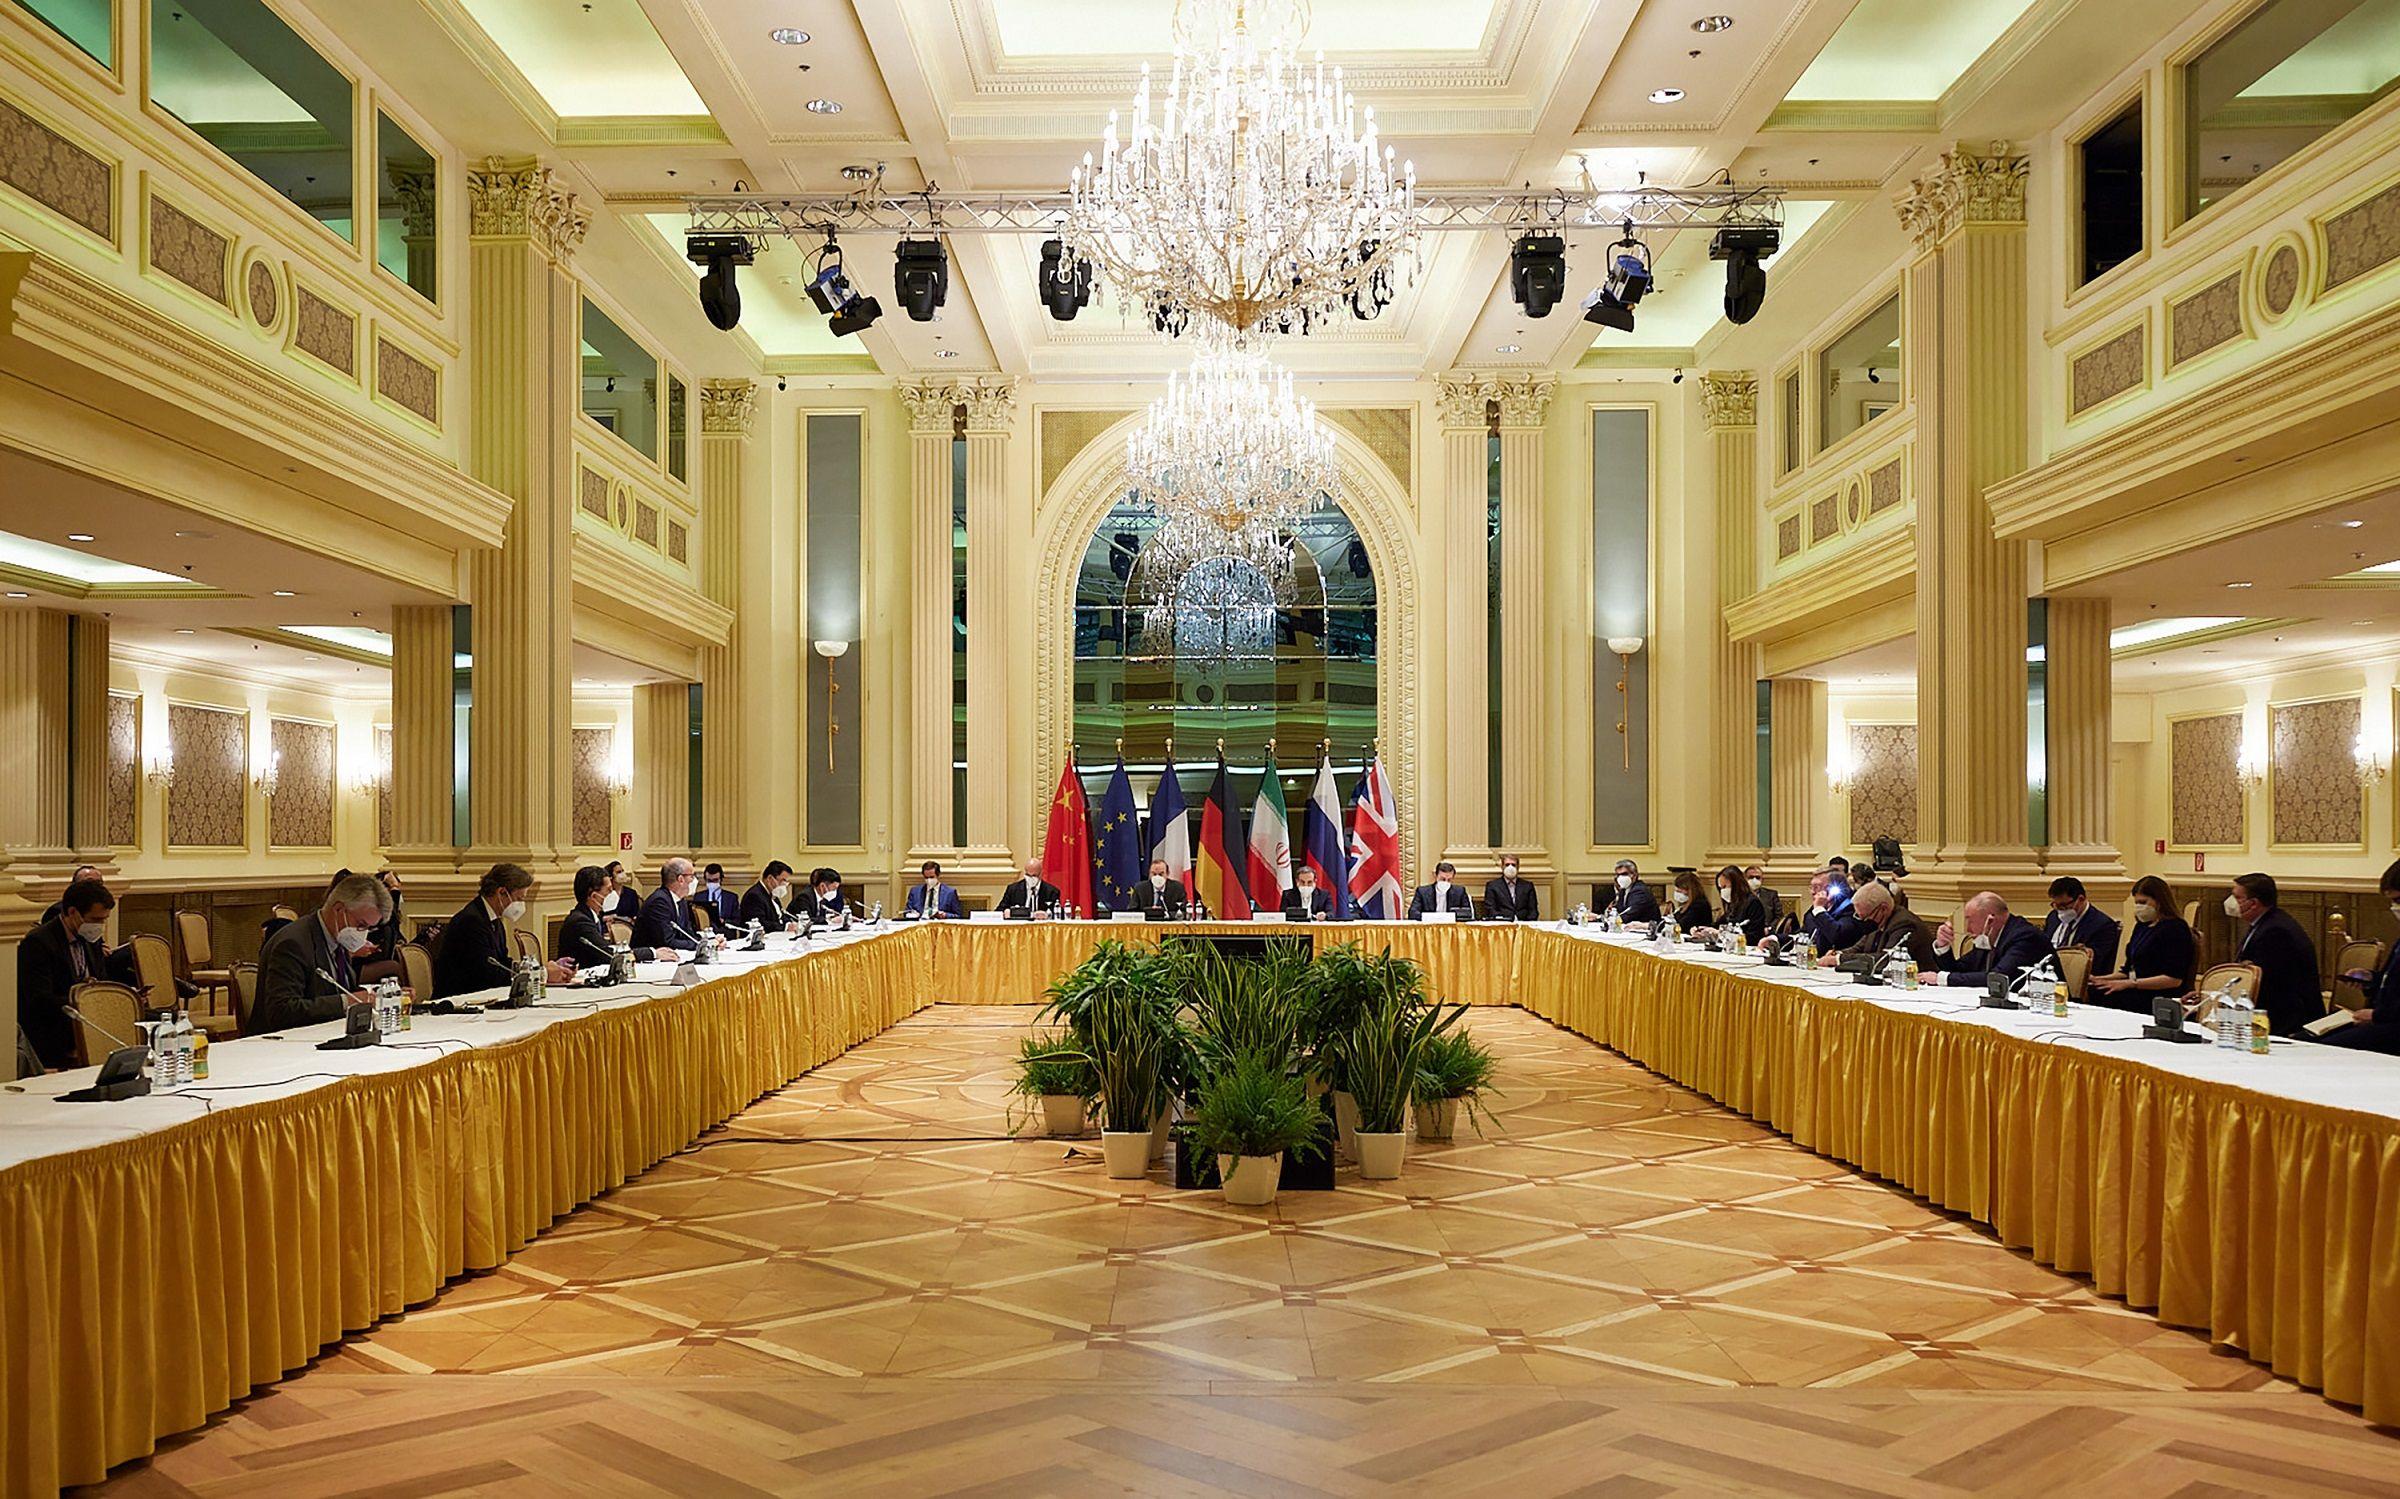 專傢視點 | 美伊會談再繼續,伊朗若重回原油市場,對國際油價影響幾何?